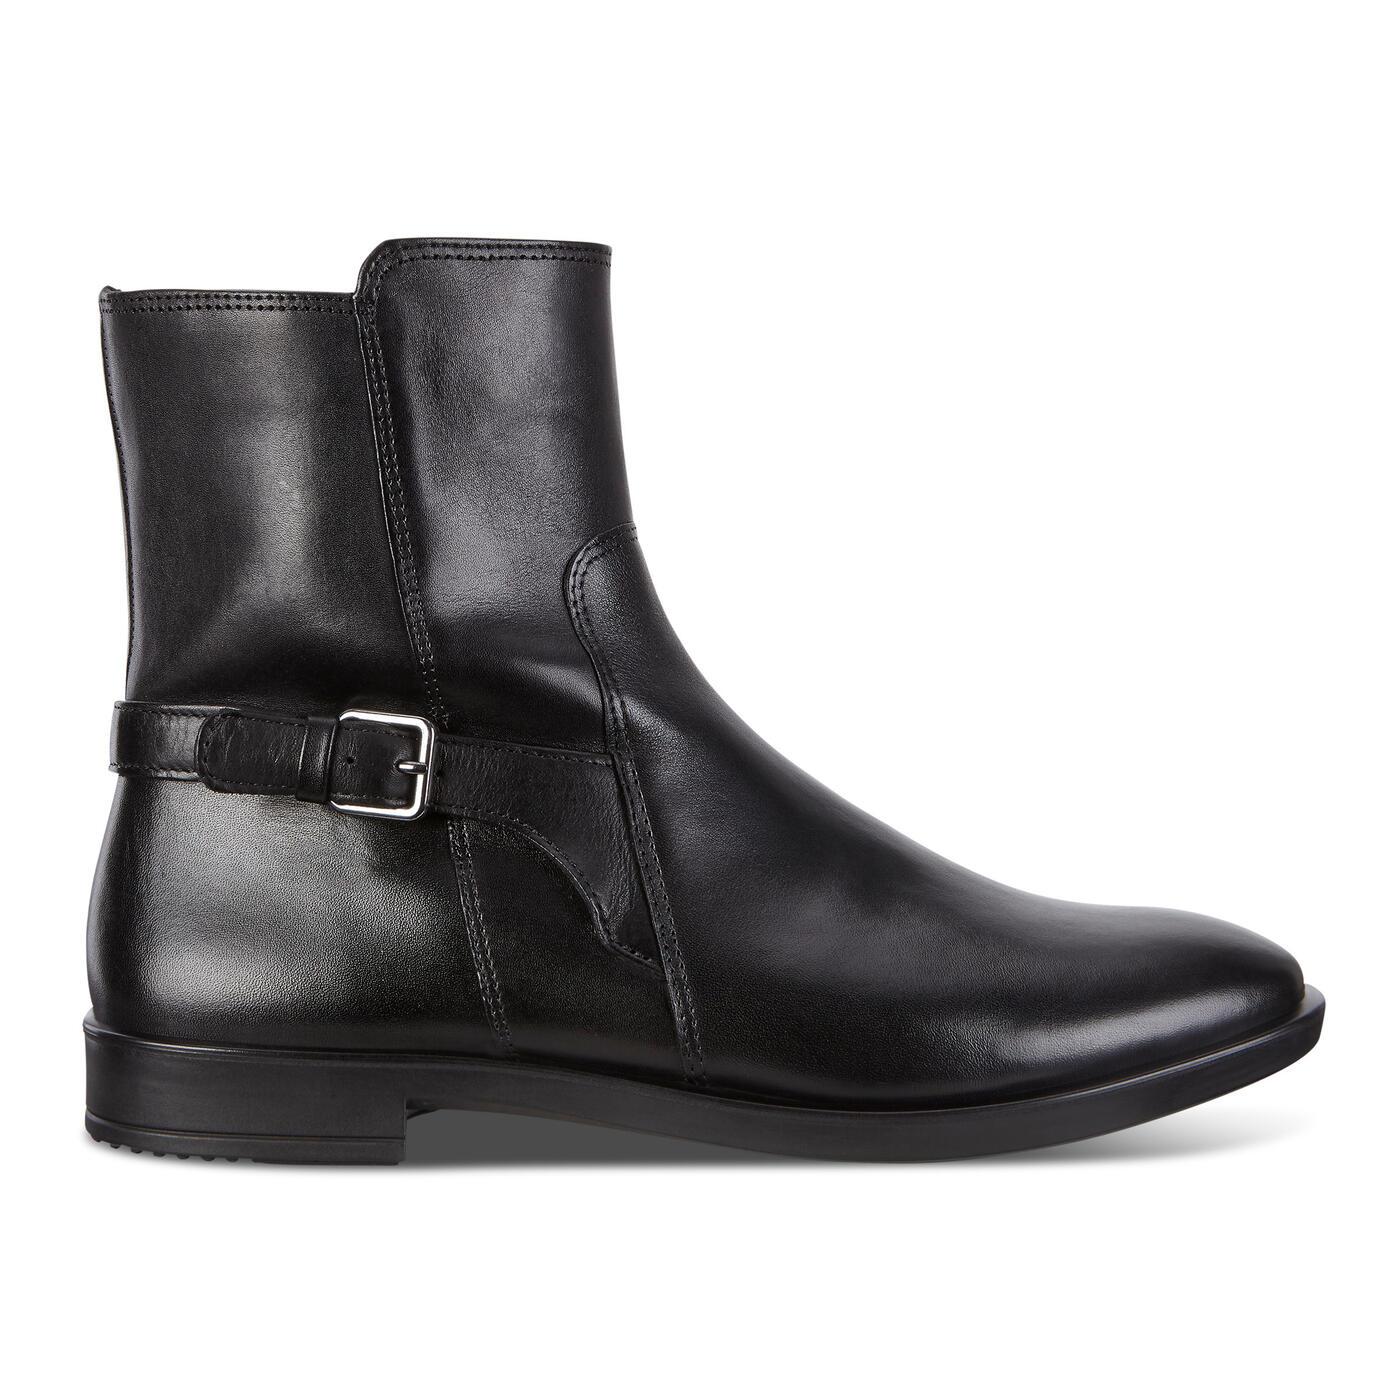 ECCO SHAPE 15 Mid-cut Boot